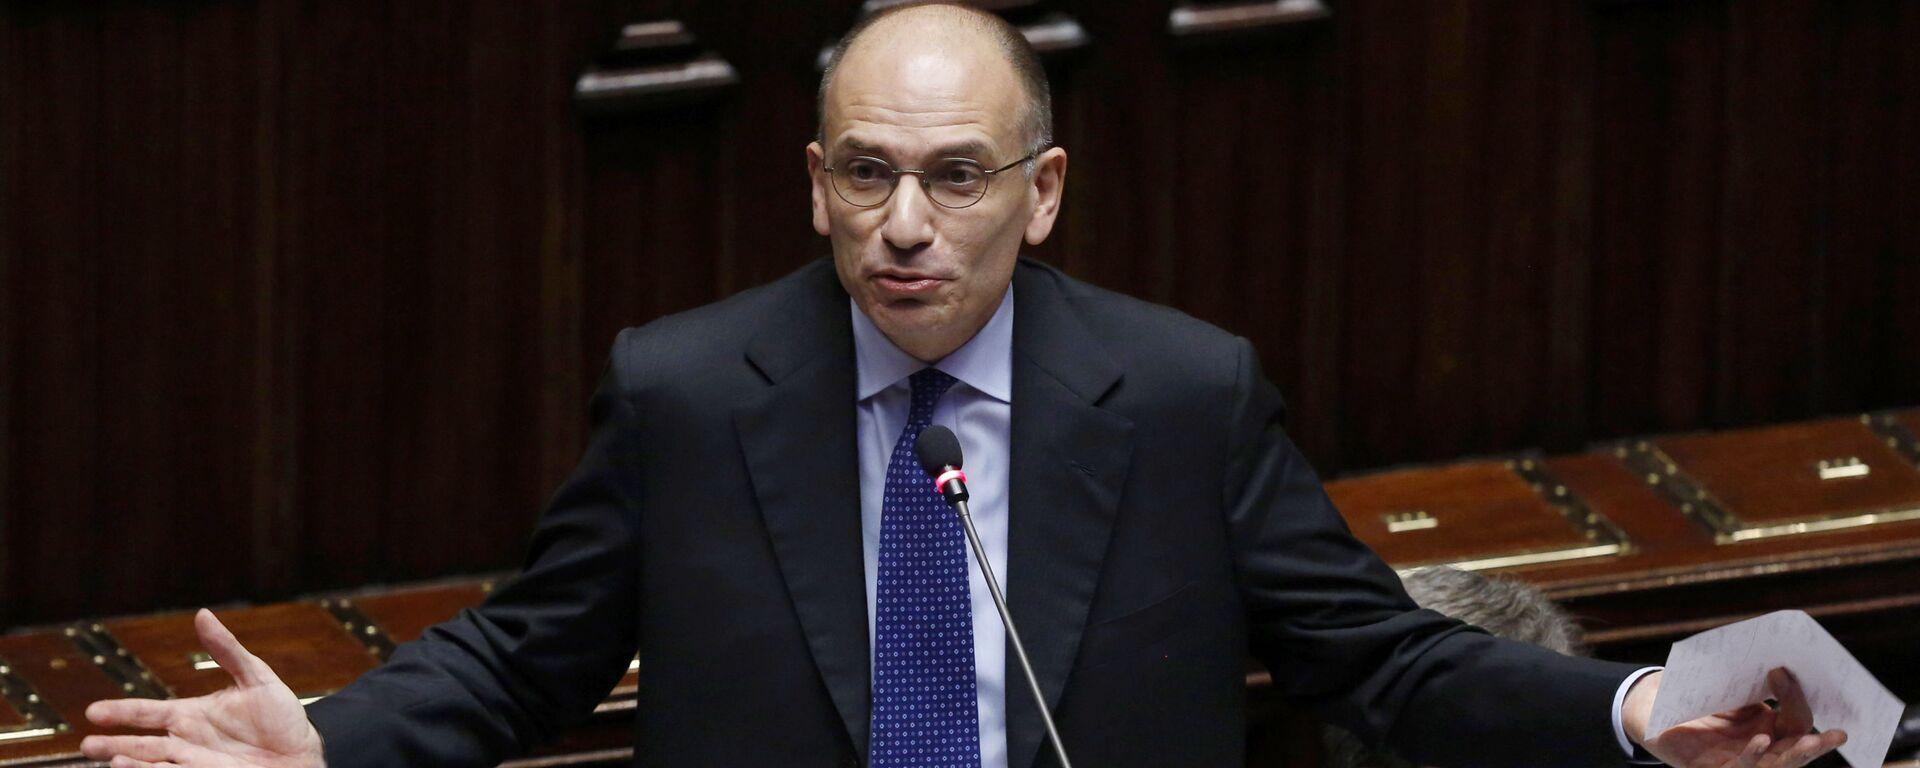 Enrico Letta, segretario del Partito Democratico - Sputnik Italia, 1920, 19.07.2021